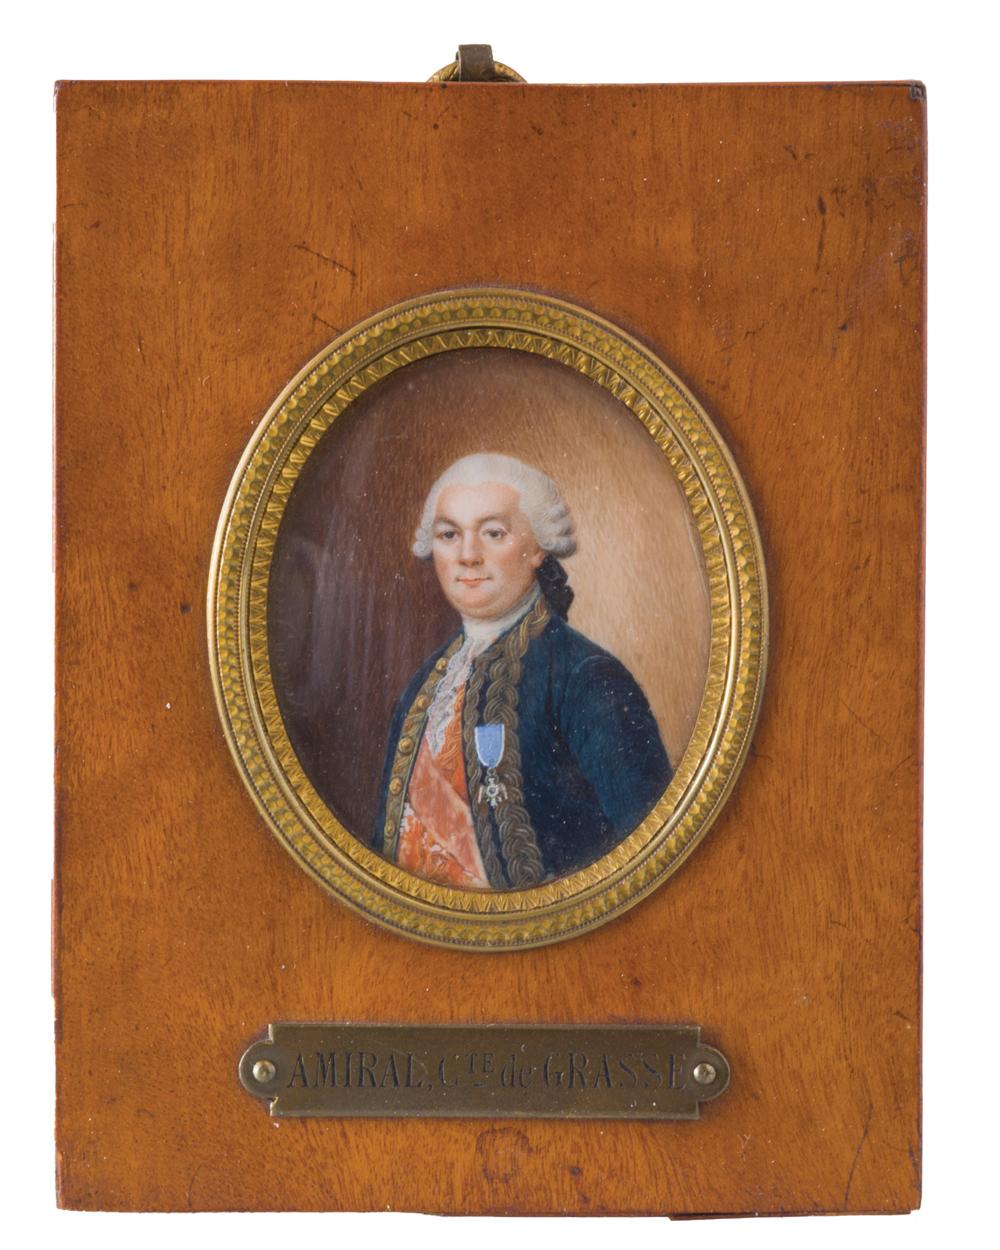 Admiral de Grasse portrait miniature by Geslain, ca. 1796-1802